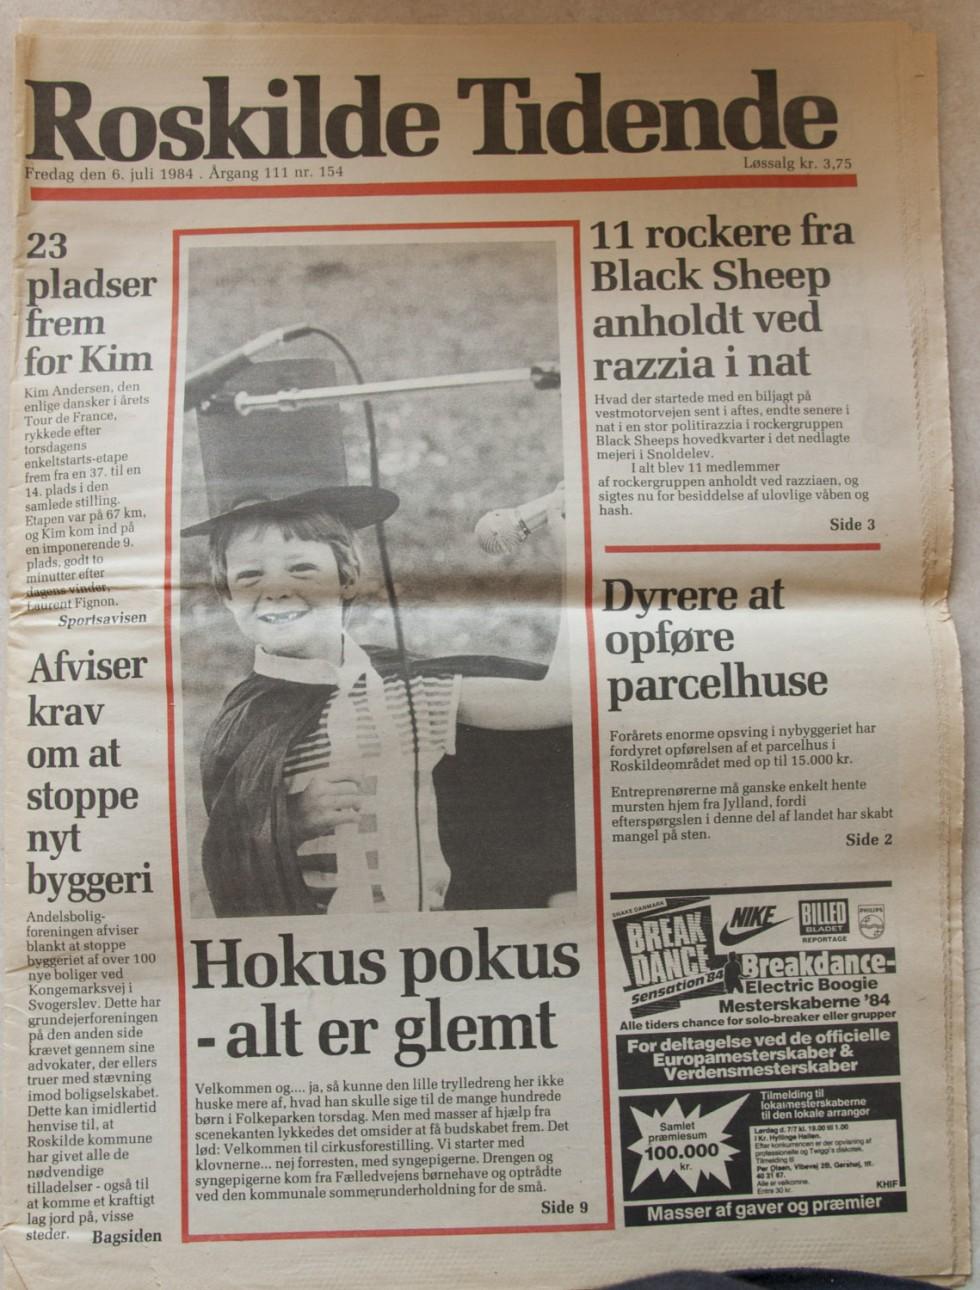 Min første optræden i de danske medier, Roskilde Tidende, fredag d. 6. juli 1984.